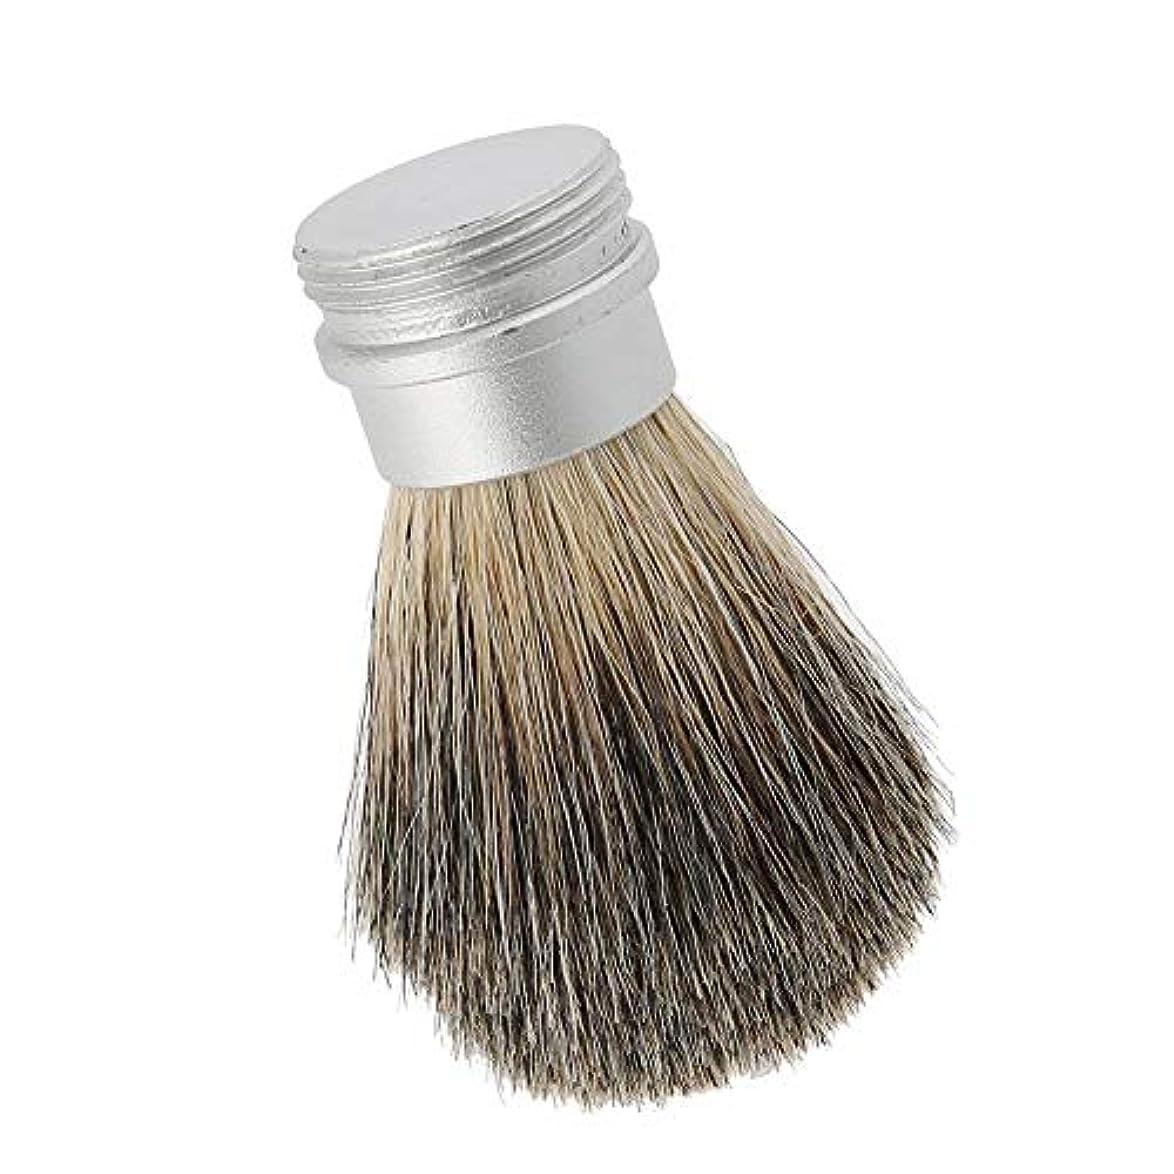 ストロー信者一生ひげブラシひげ剃りツールポータブルひげブラシ男性のための最高のヘアブラシ口ひげブラシ